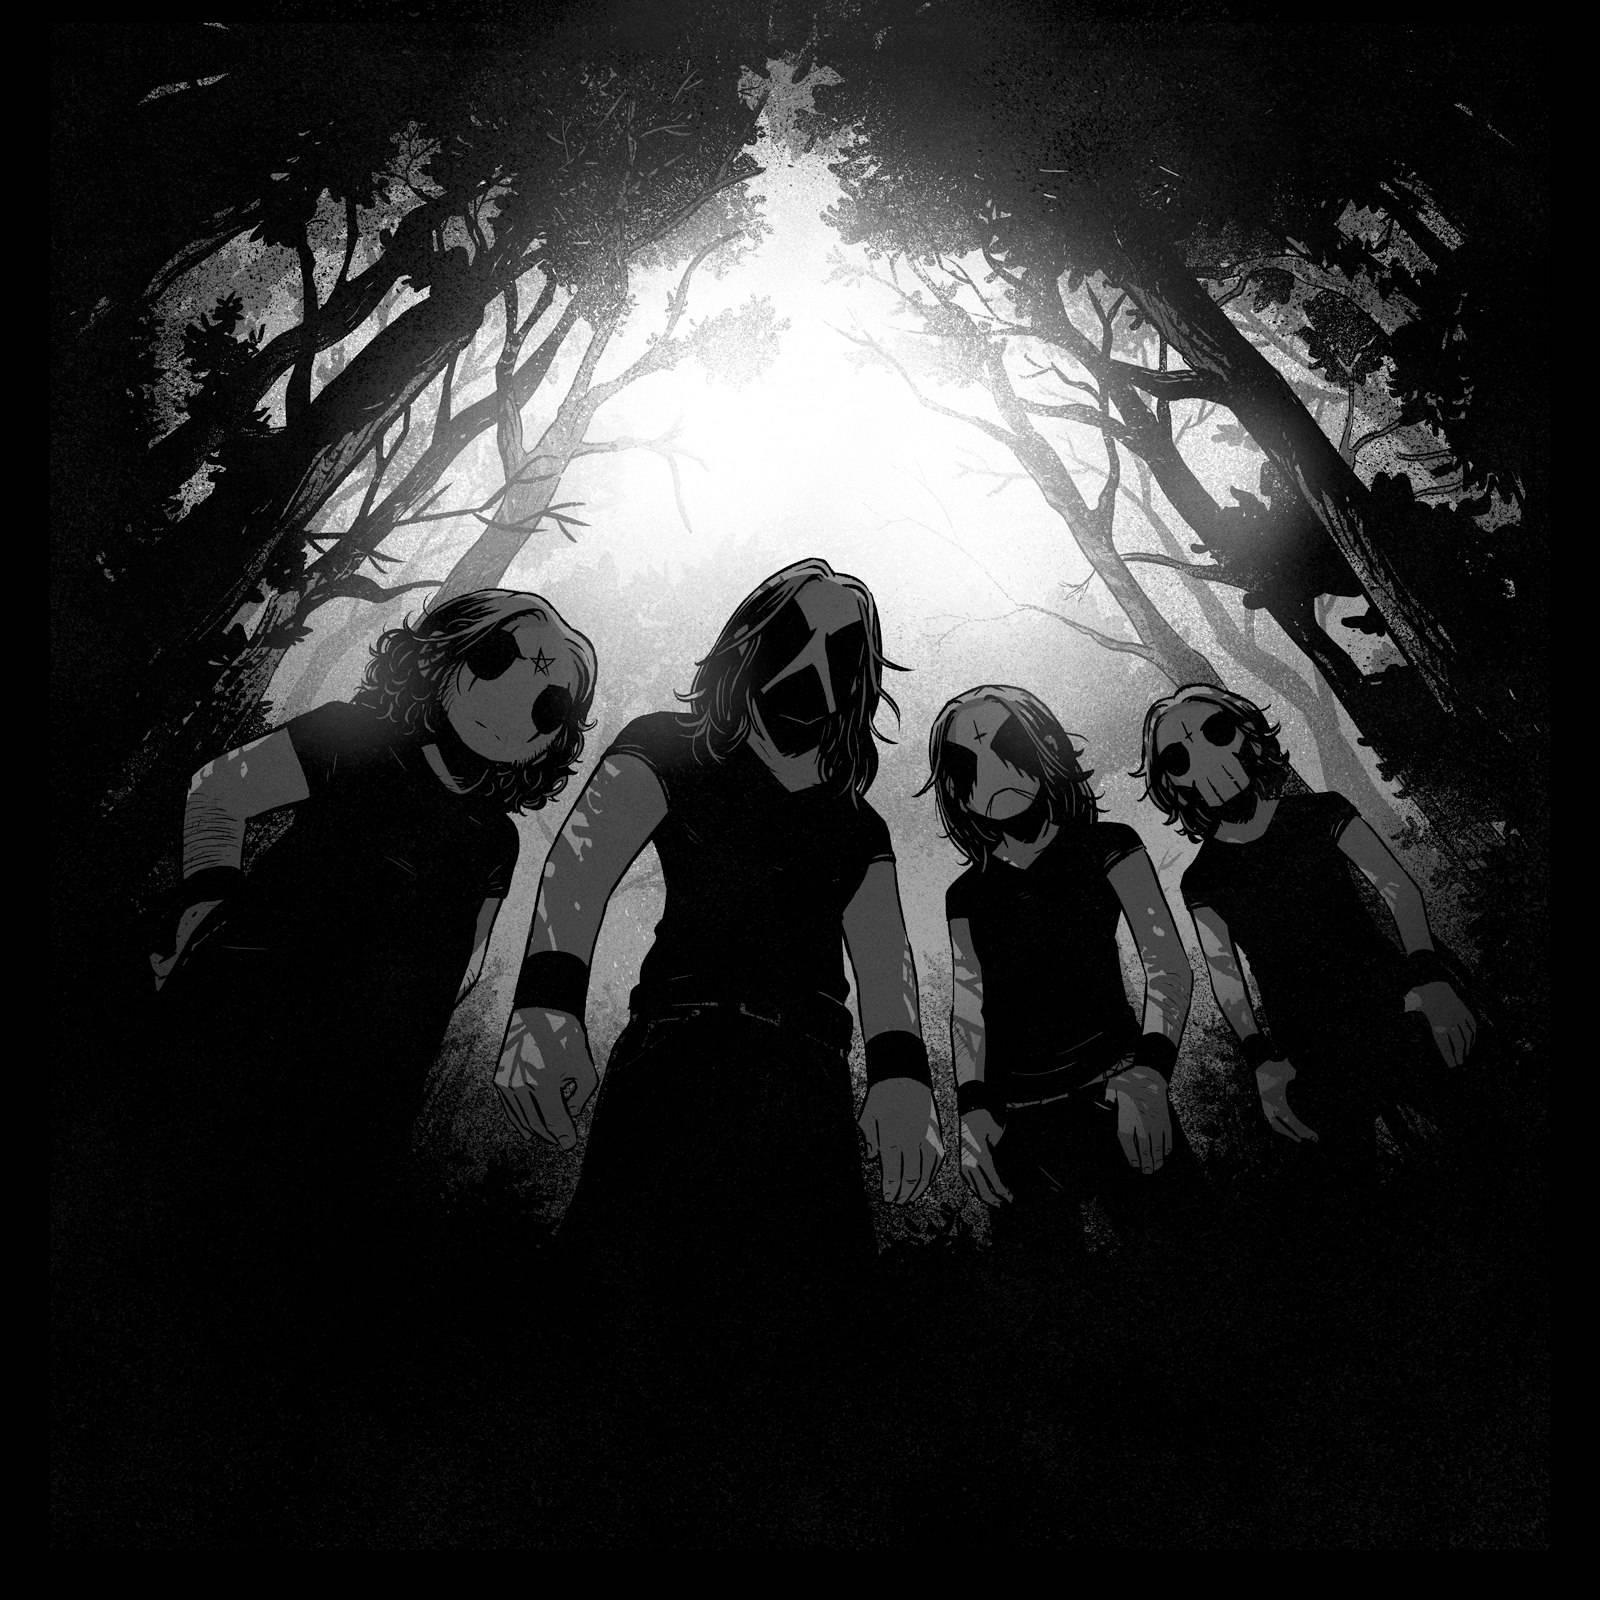 RECENZE: Belzebubové - Taková normální rodinka. S láskou k metalu a Satanovi